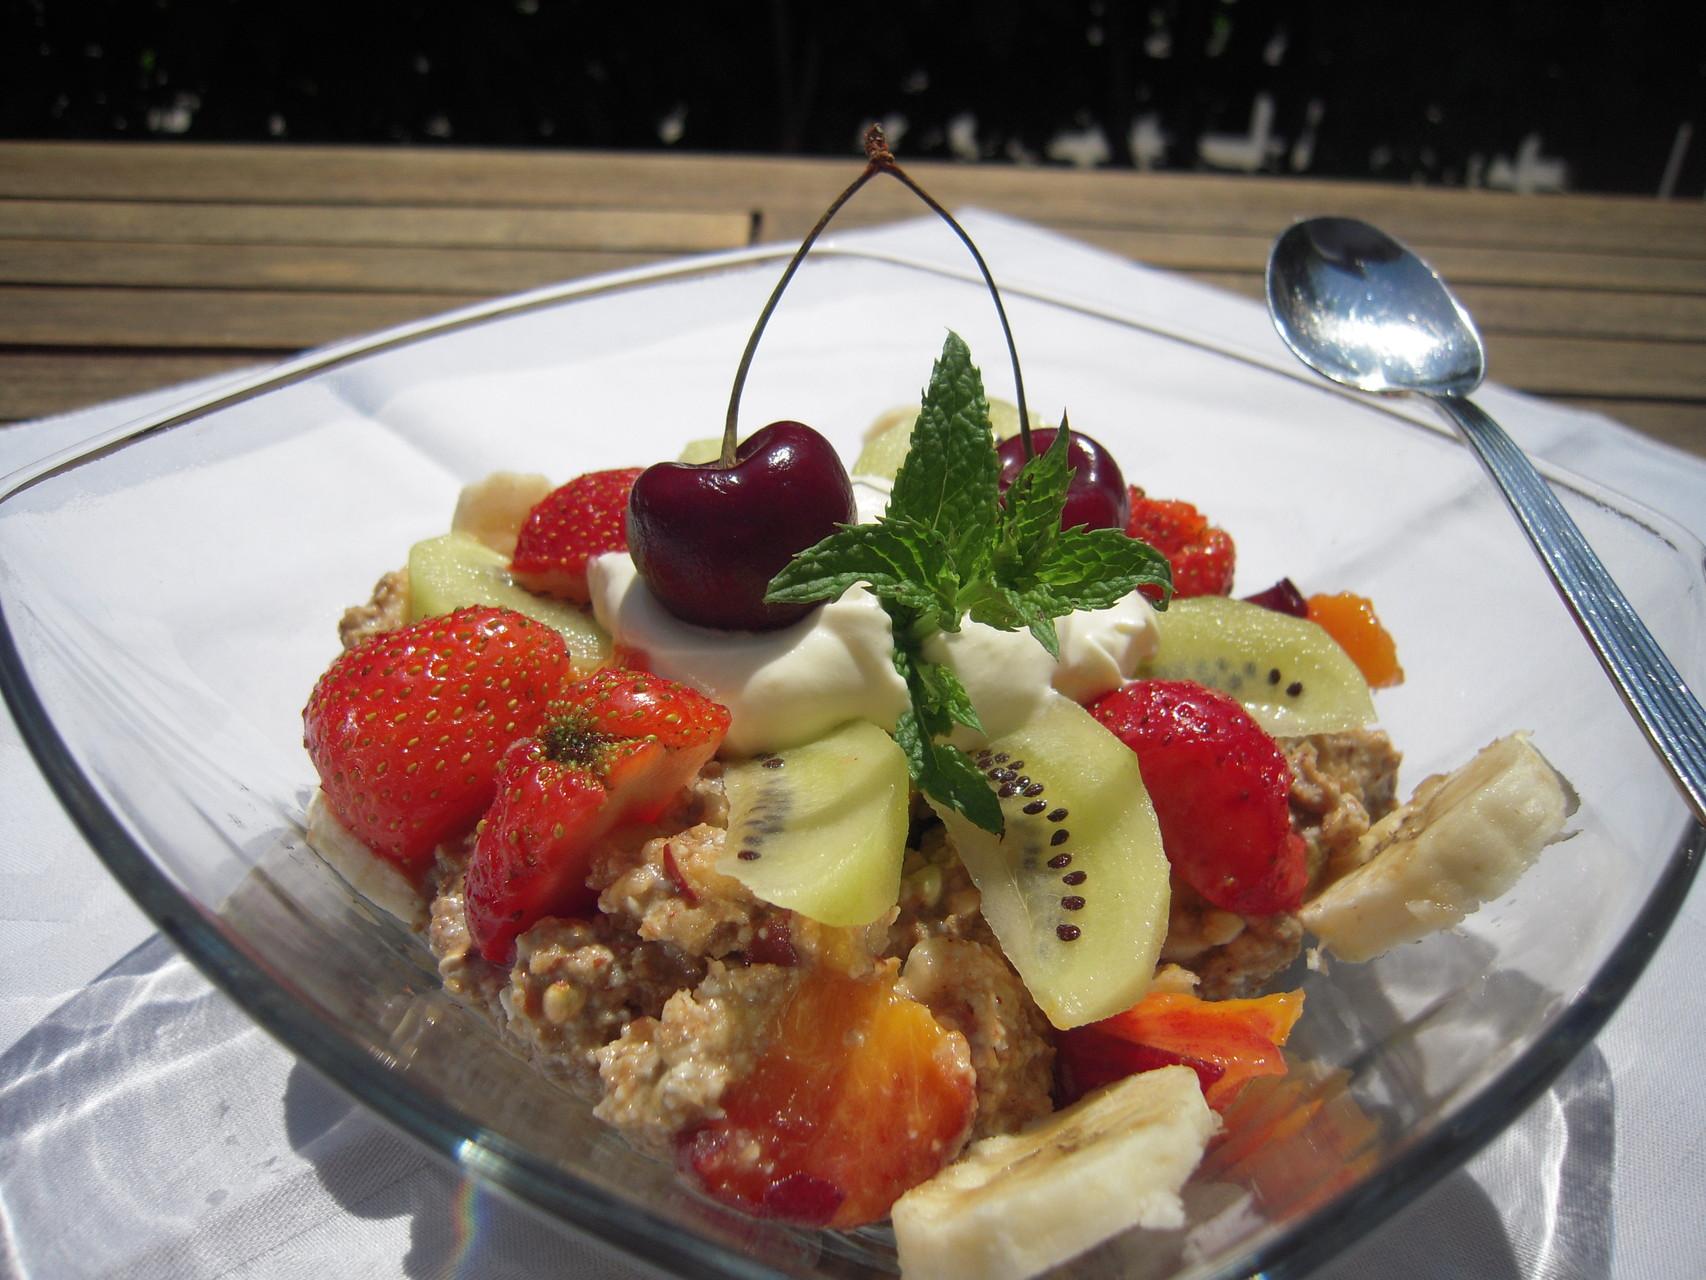 Getreide-Obst-Frischkost